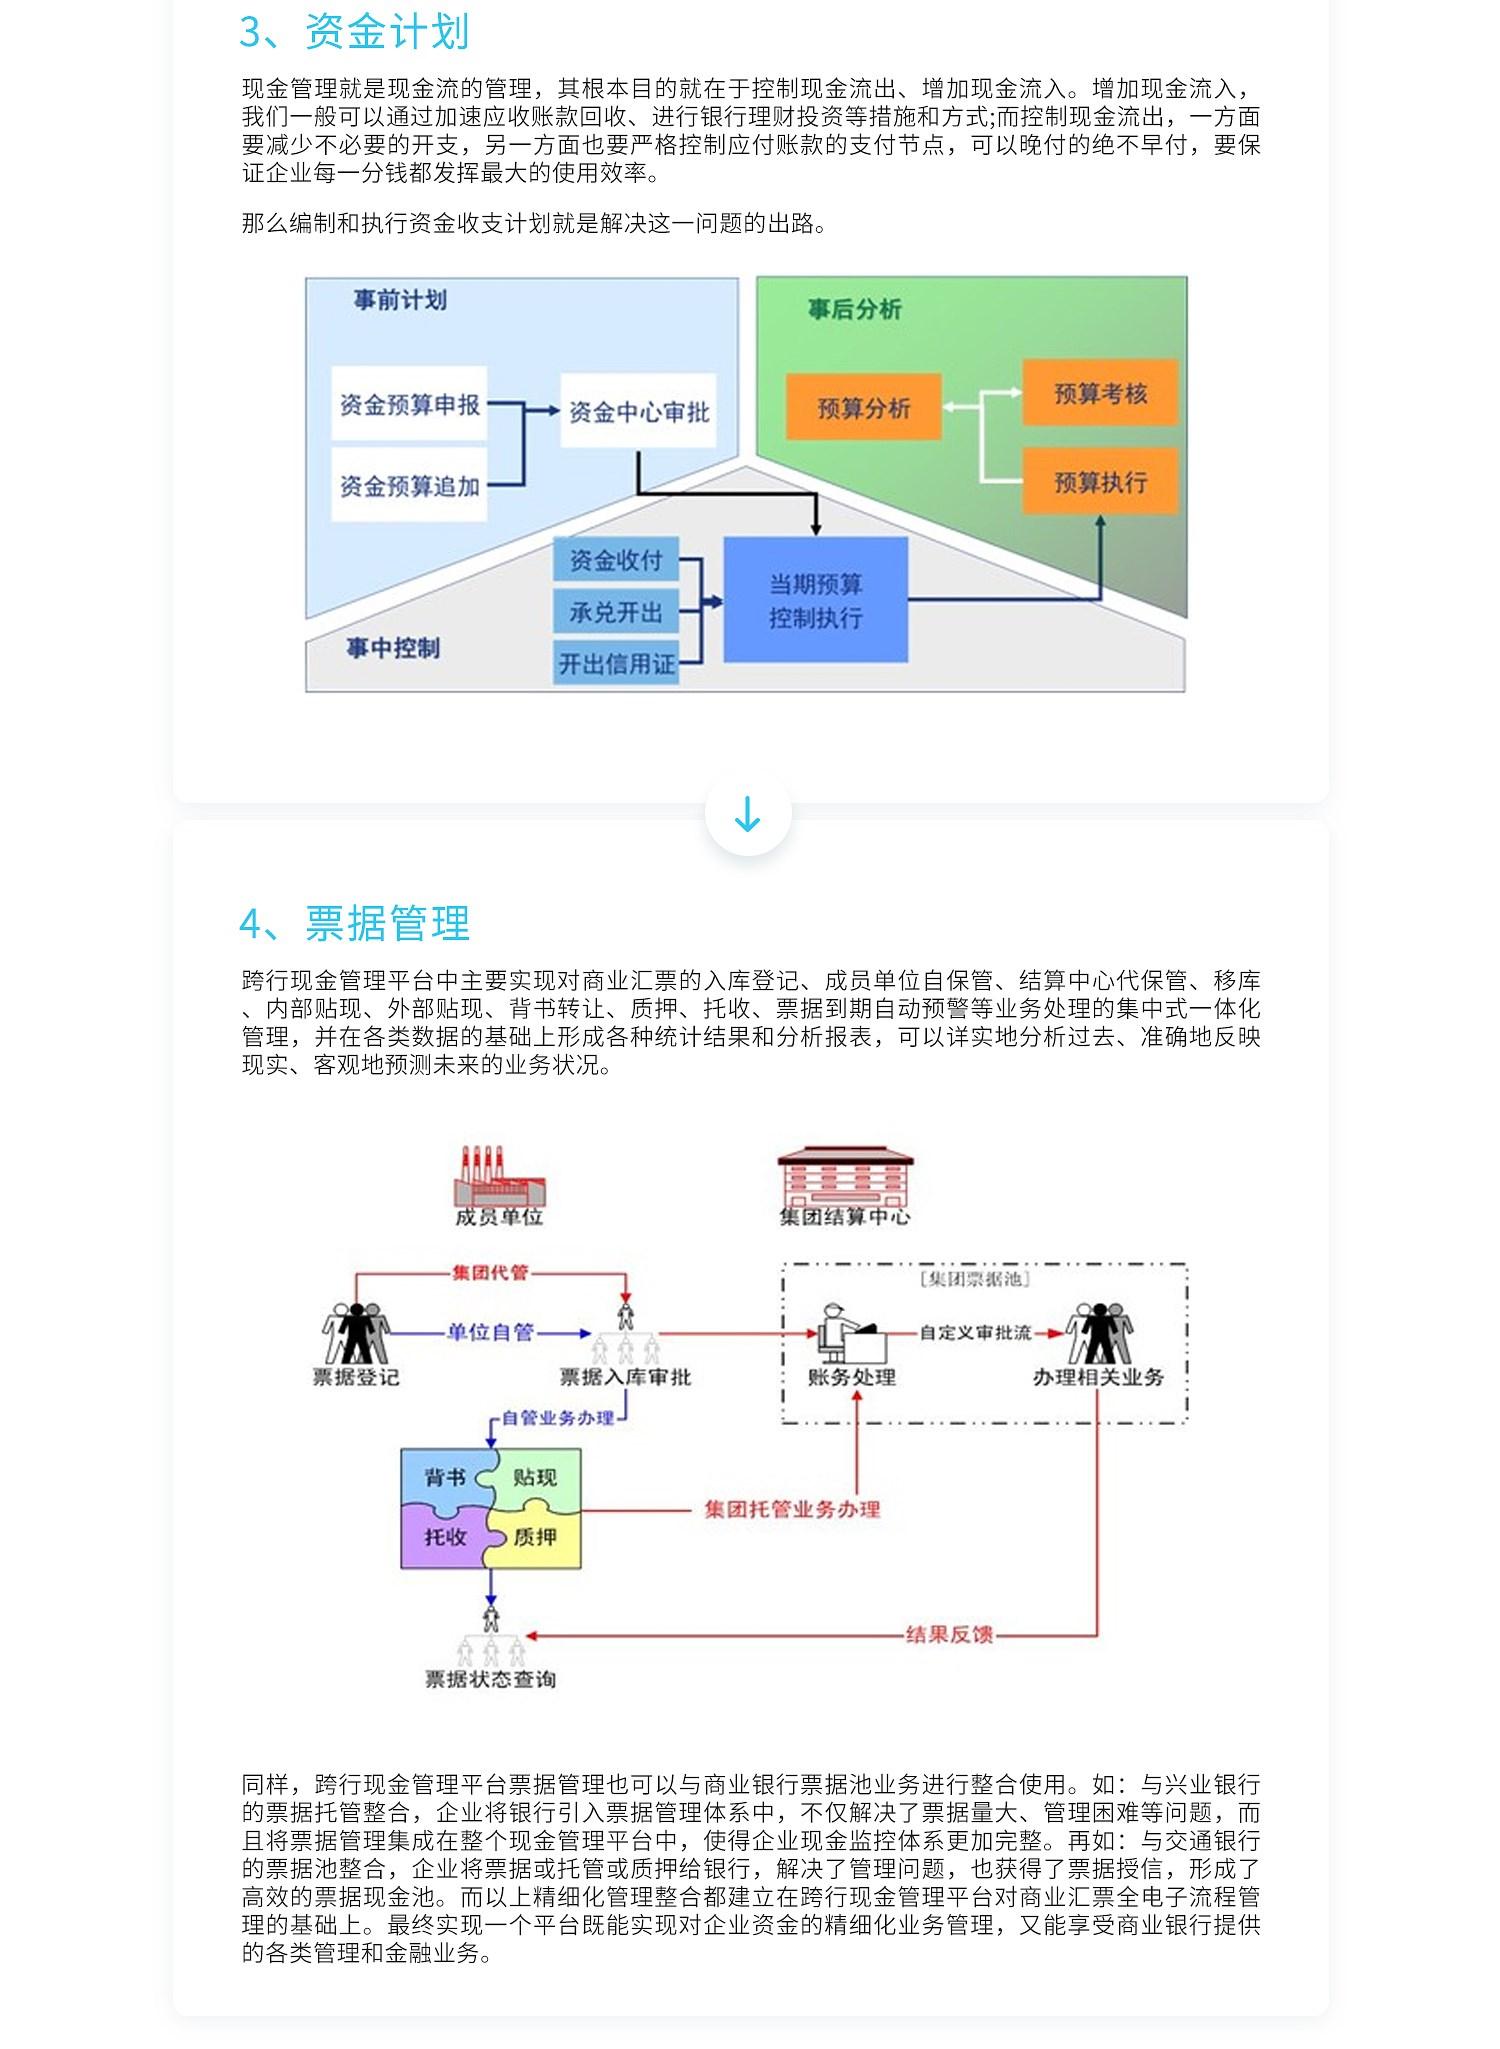 银行合作beplay2网页登录管理解决方案2-2.jpg